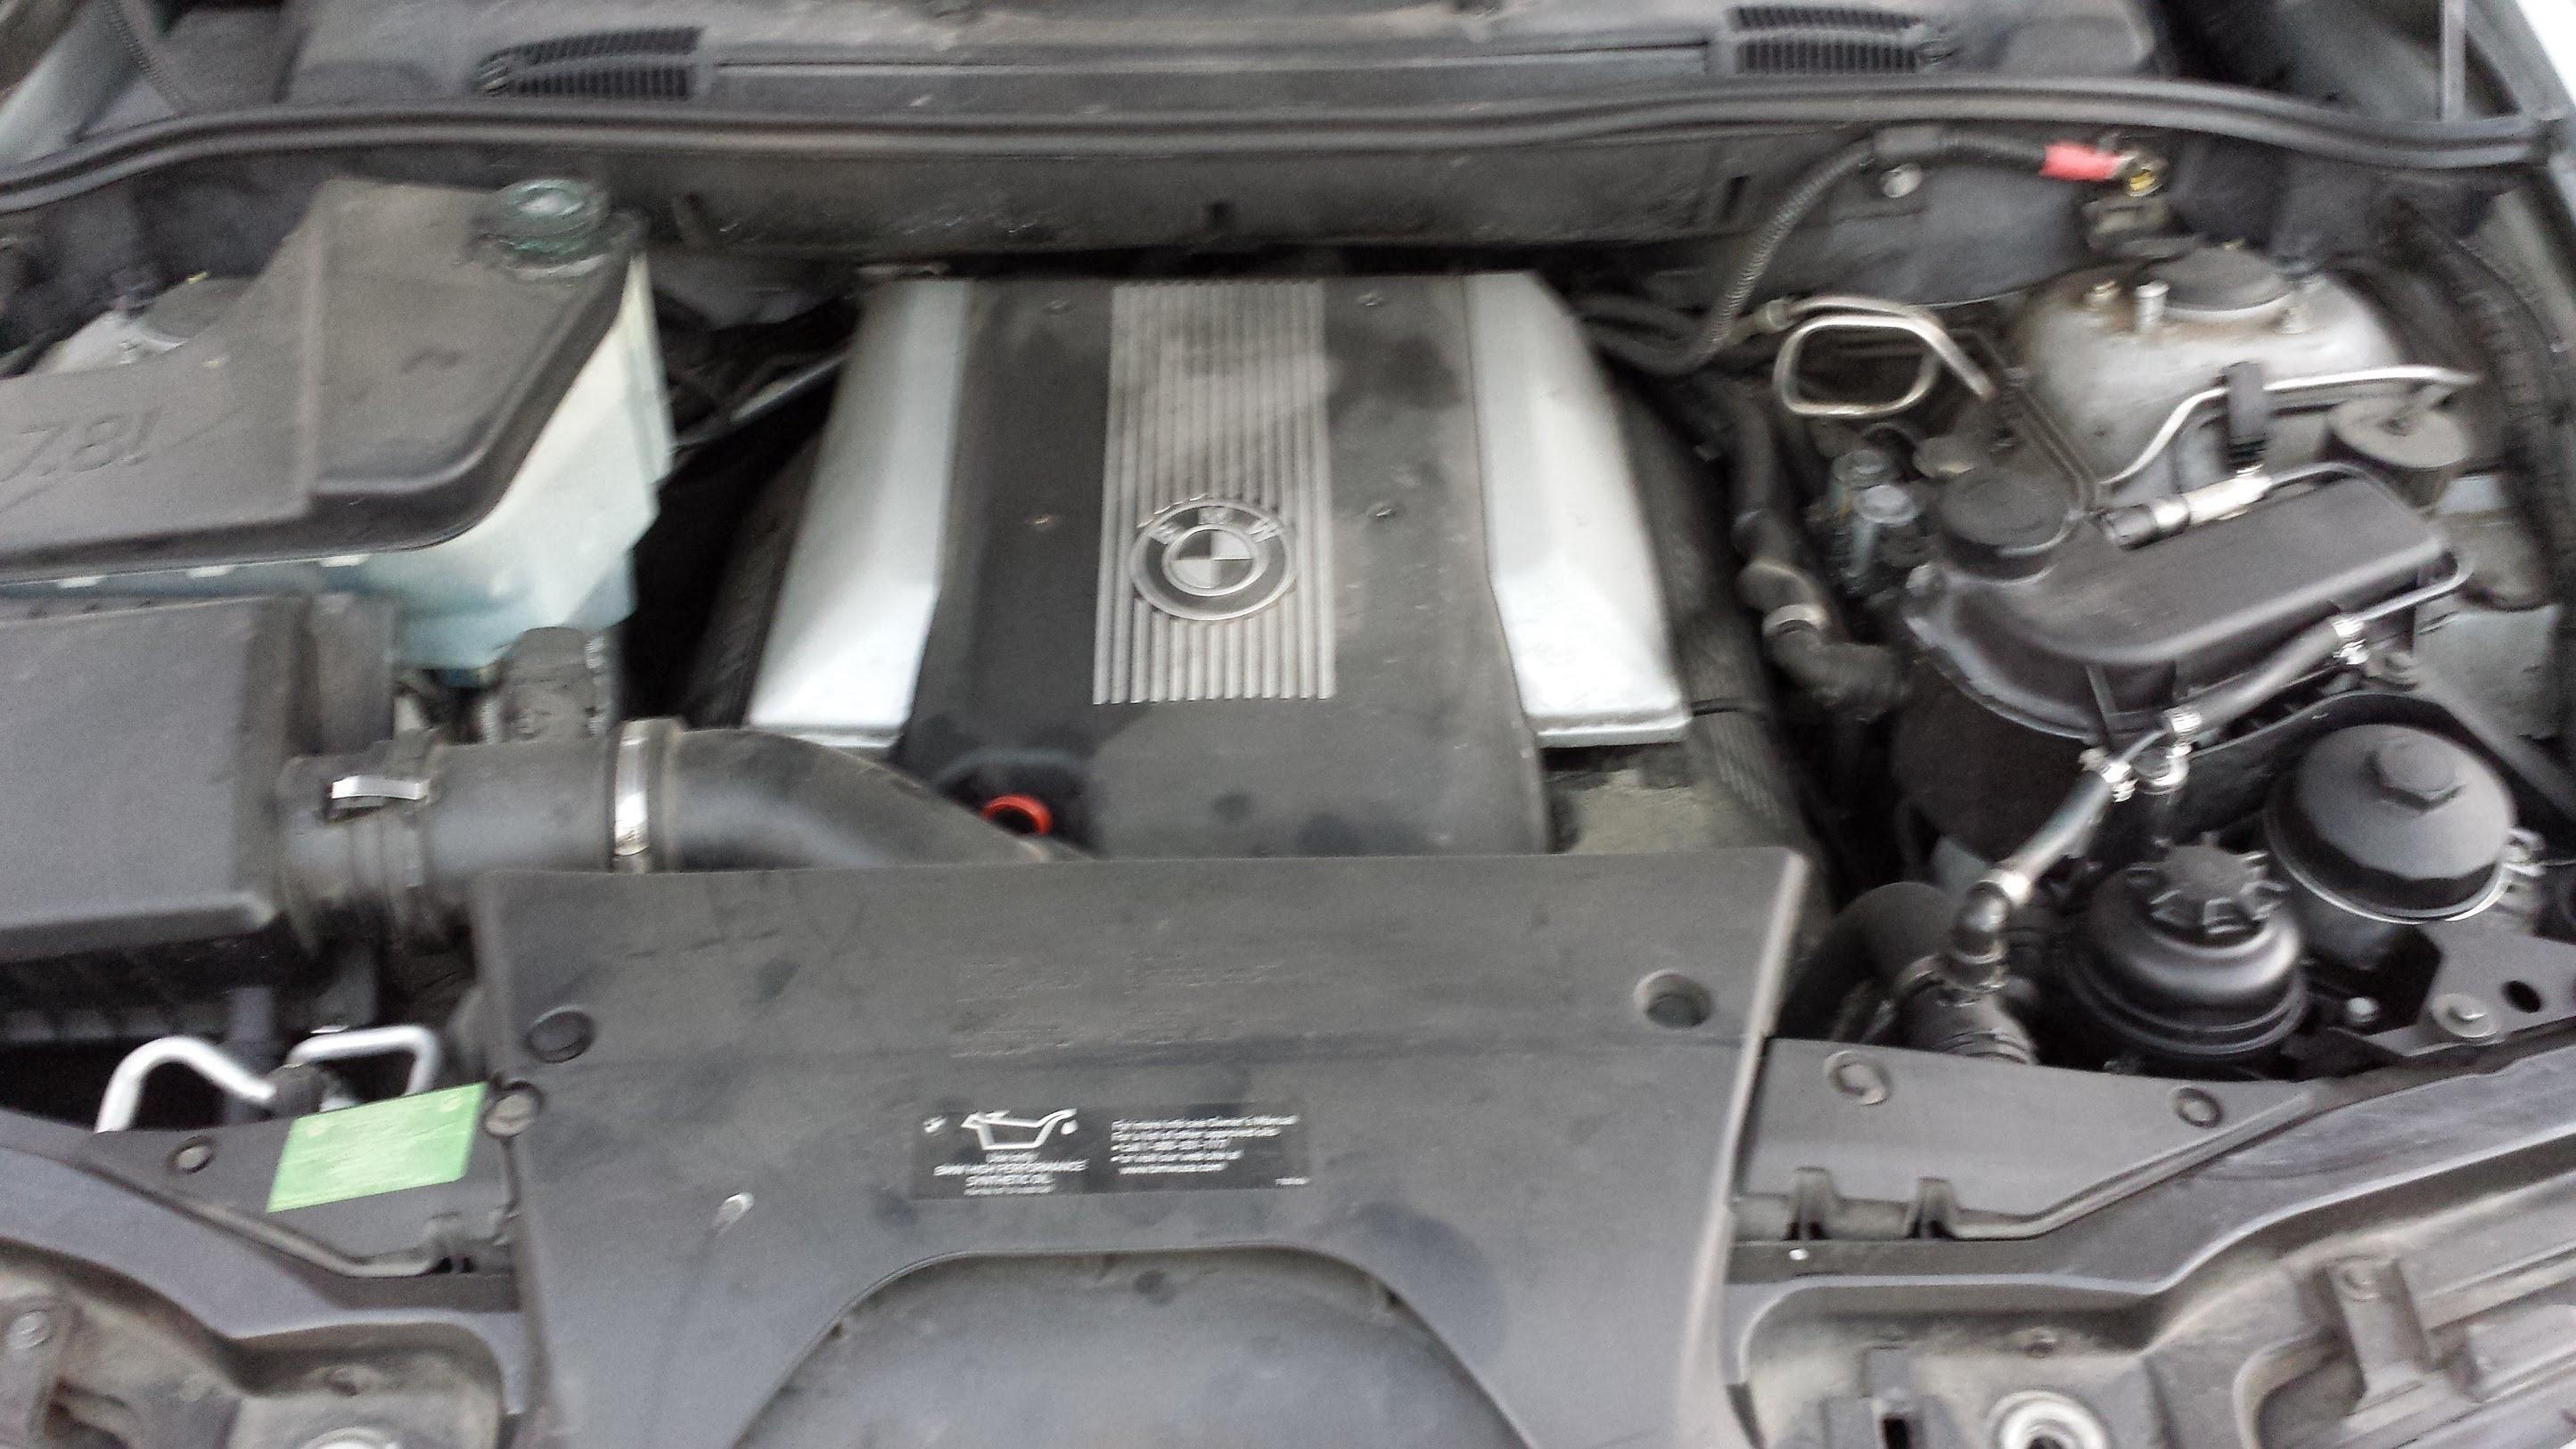 Diagram Of Car Under Hood Bmw E53 X5 4 4 Vanos Engine Diagram Of Diagram Of Car Under Hood